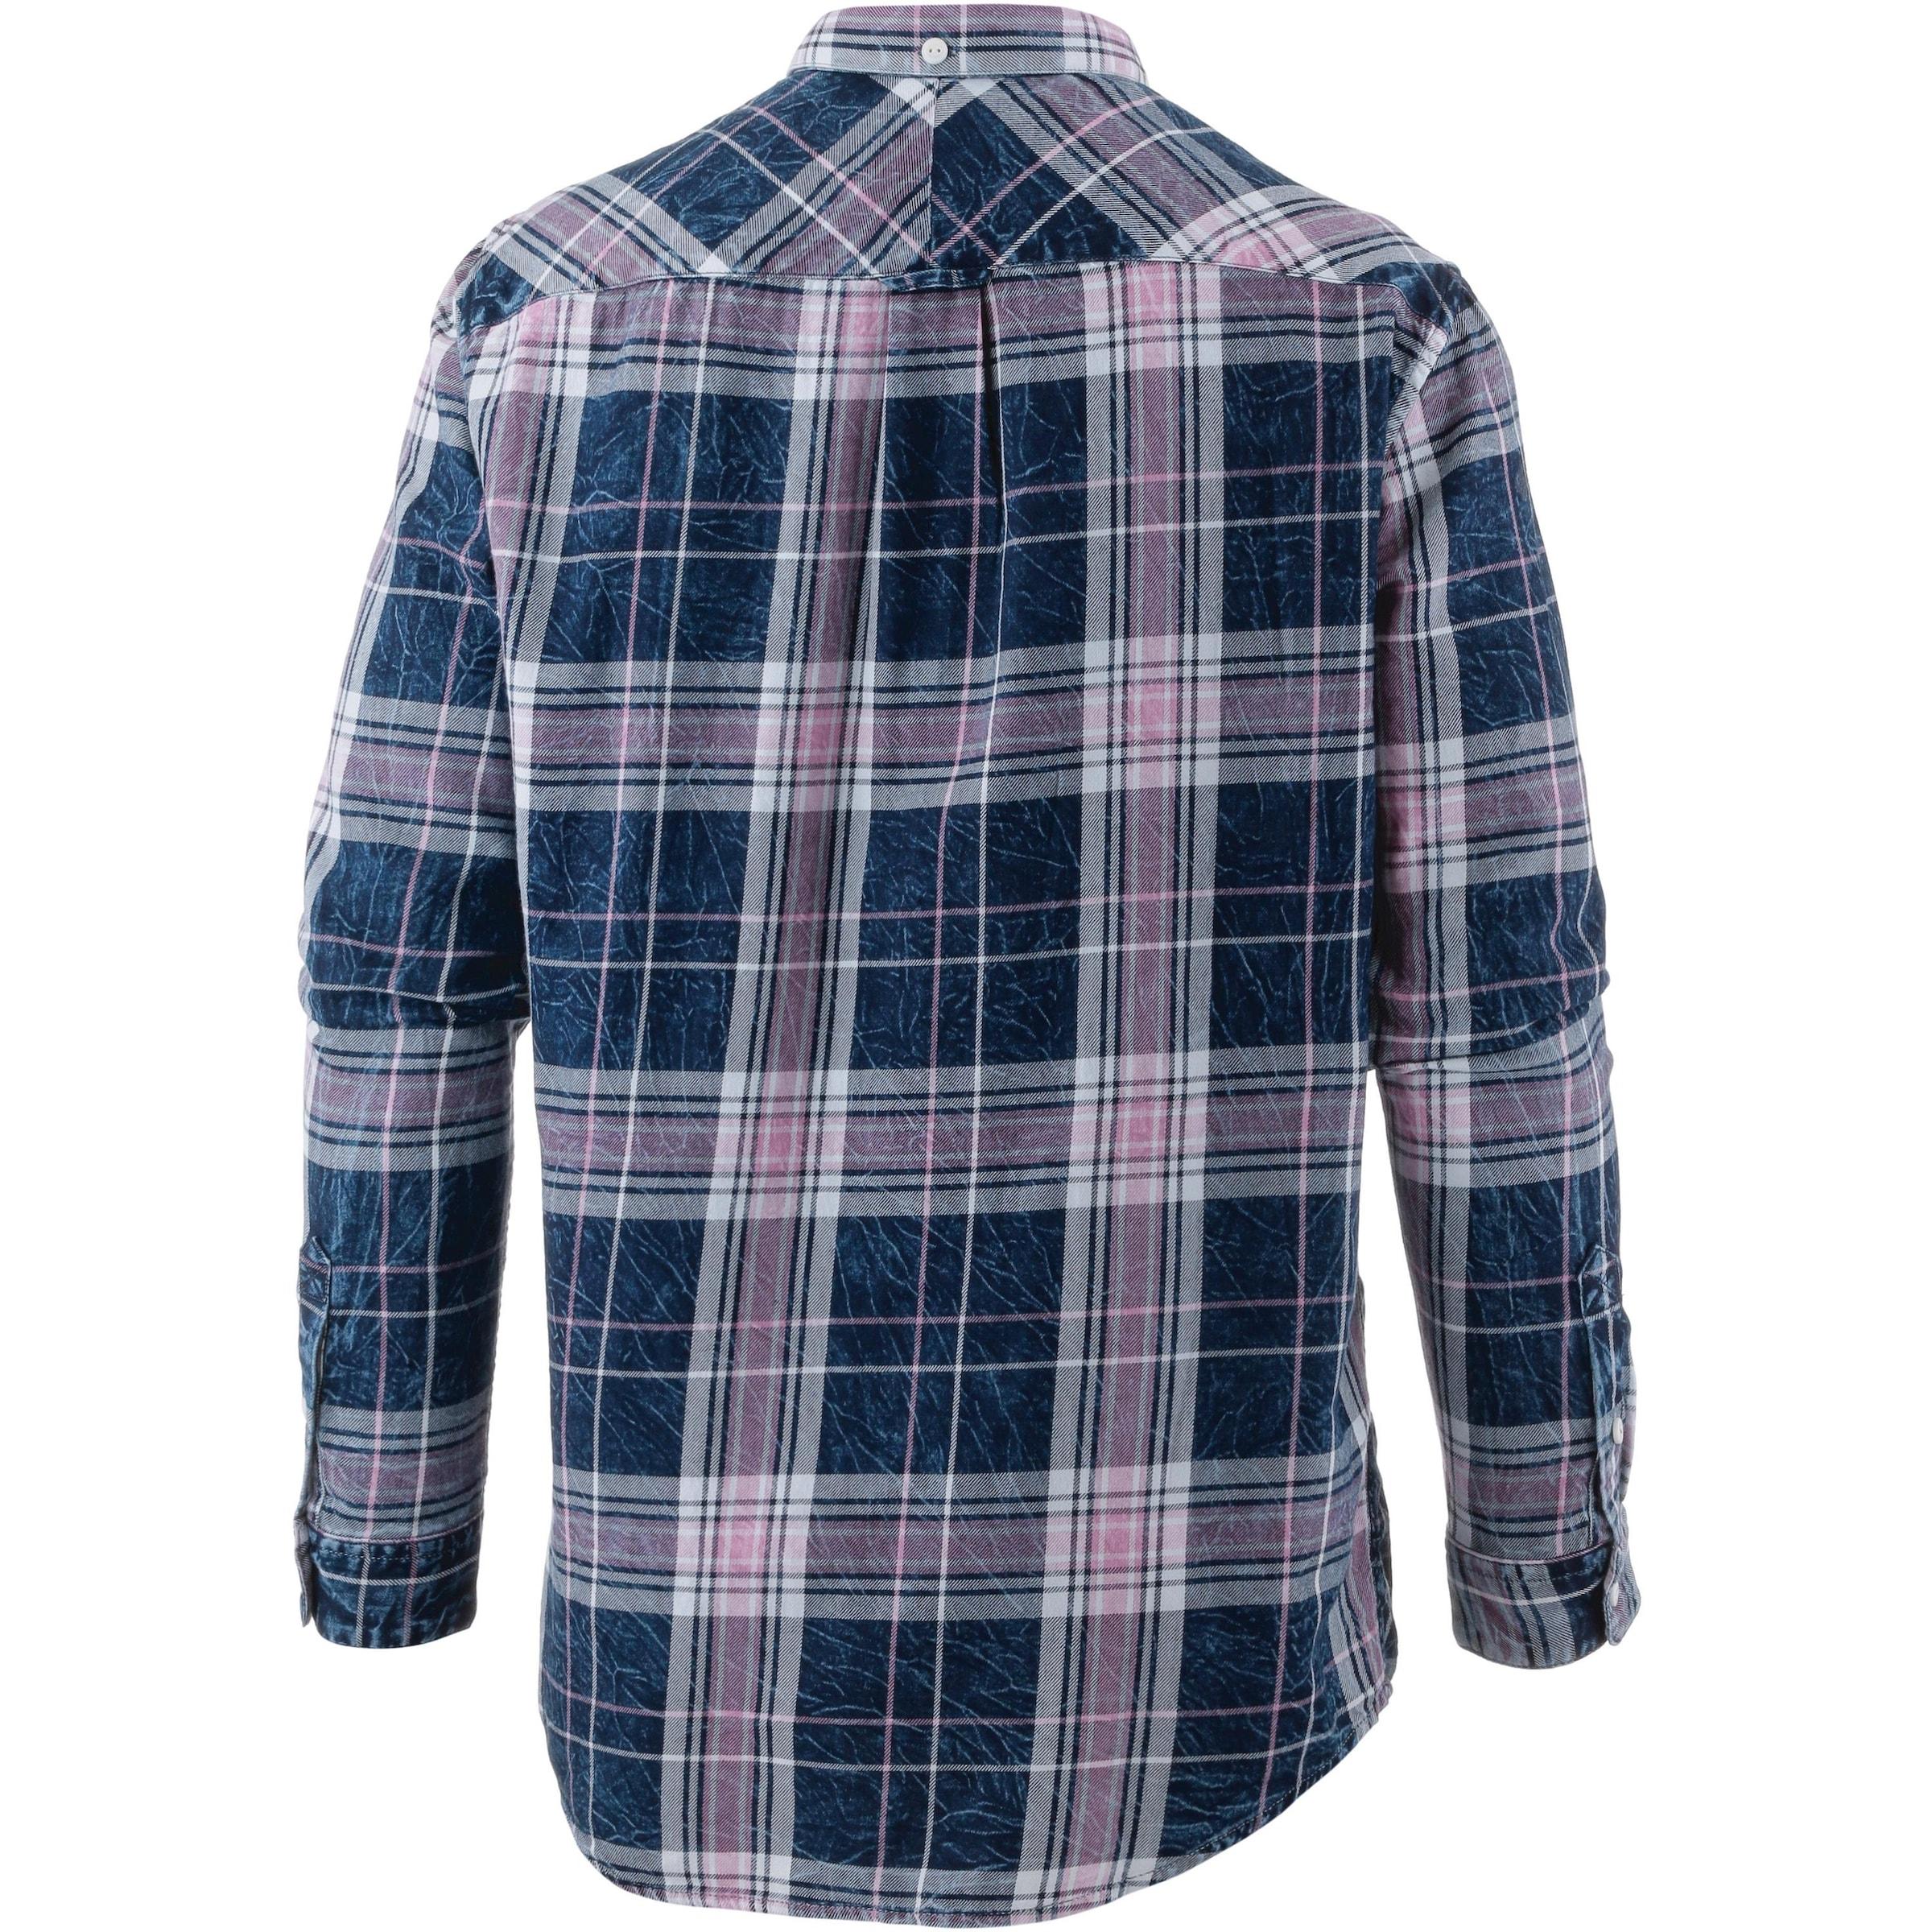 Kaufen Verkauf Besten Platz TOM TAILOR Langarmhemd Herren pa7ErHVn